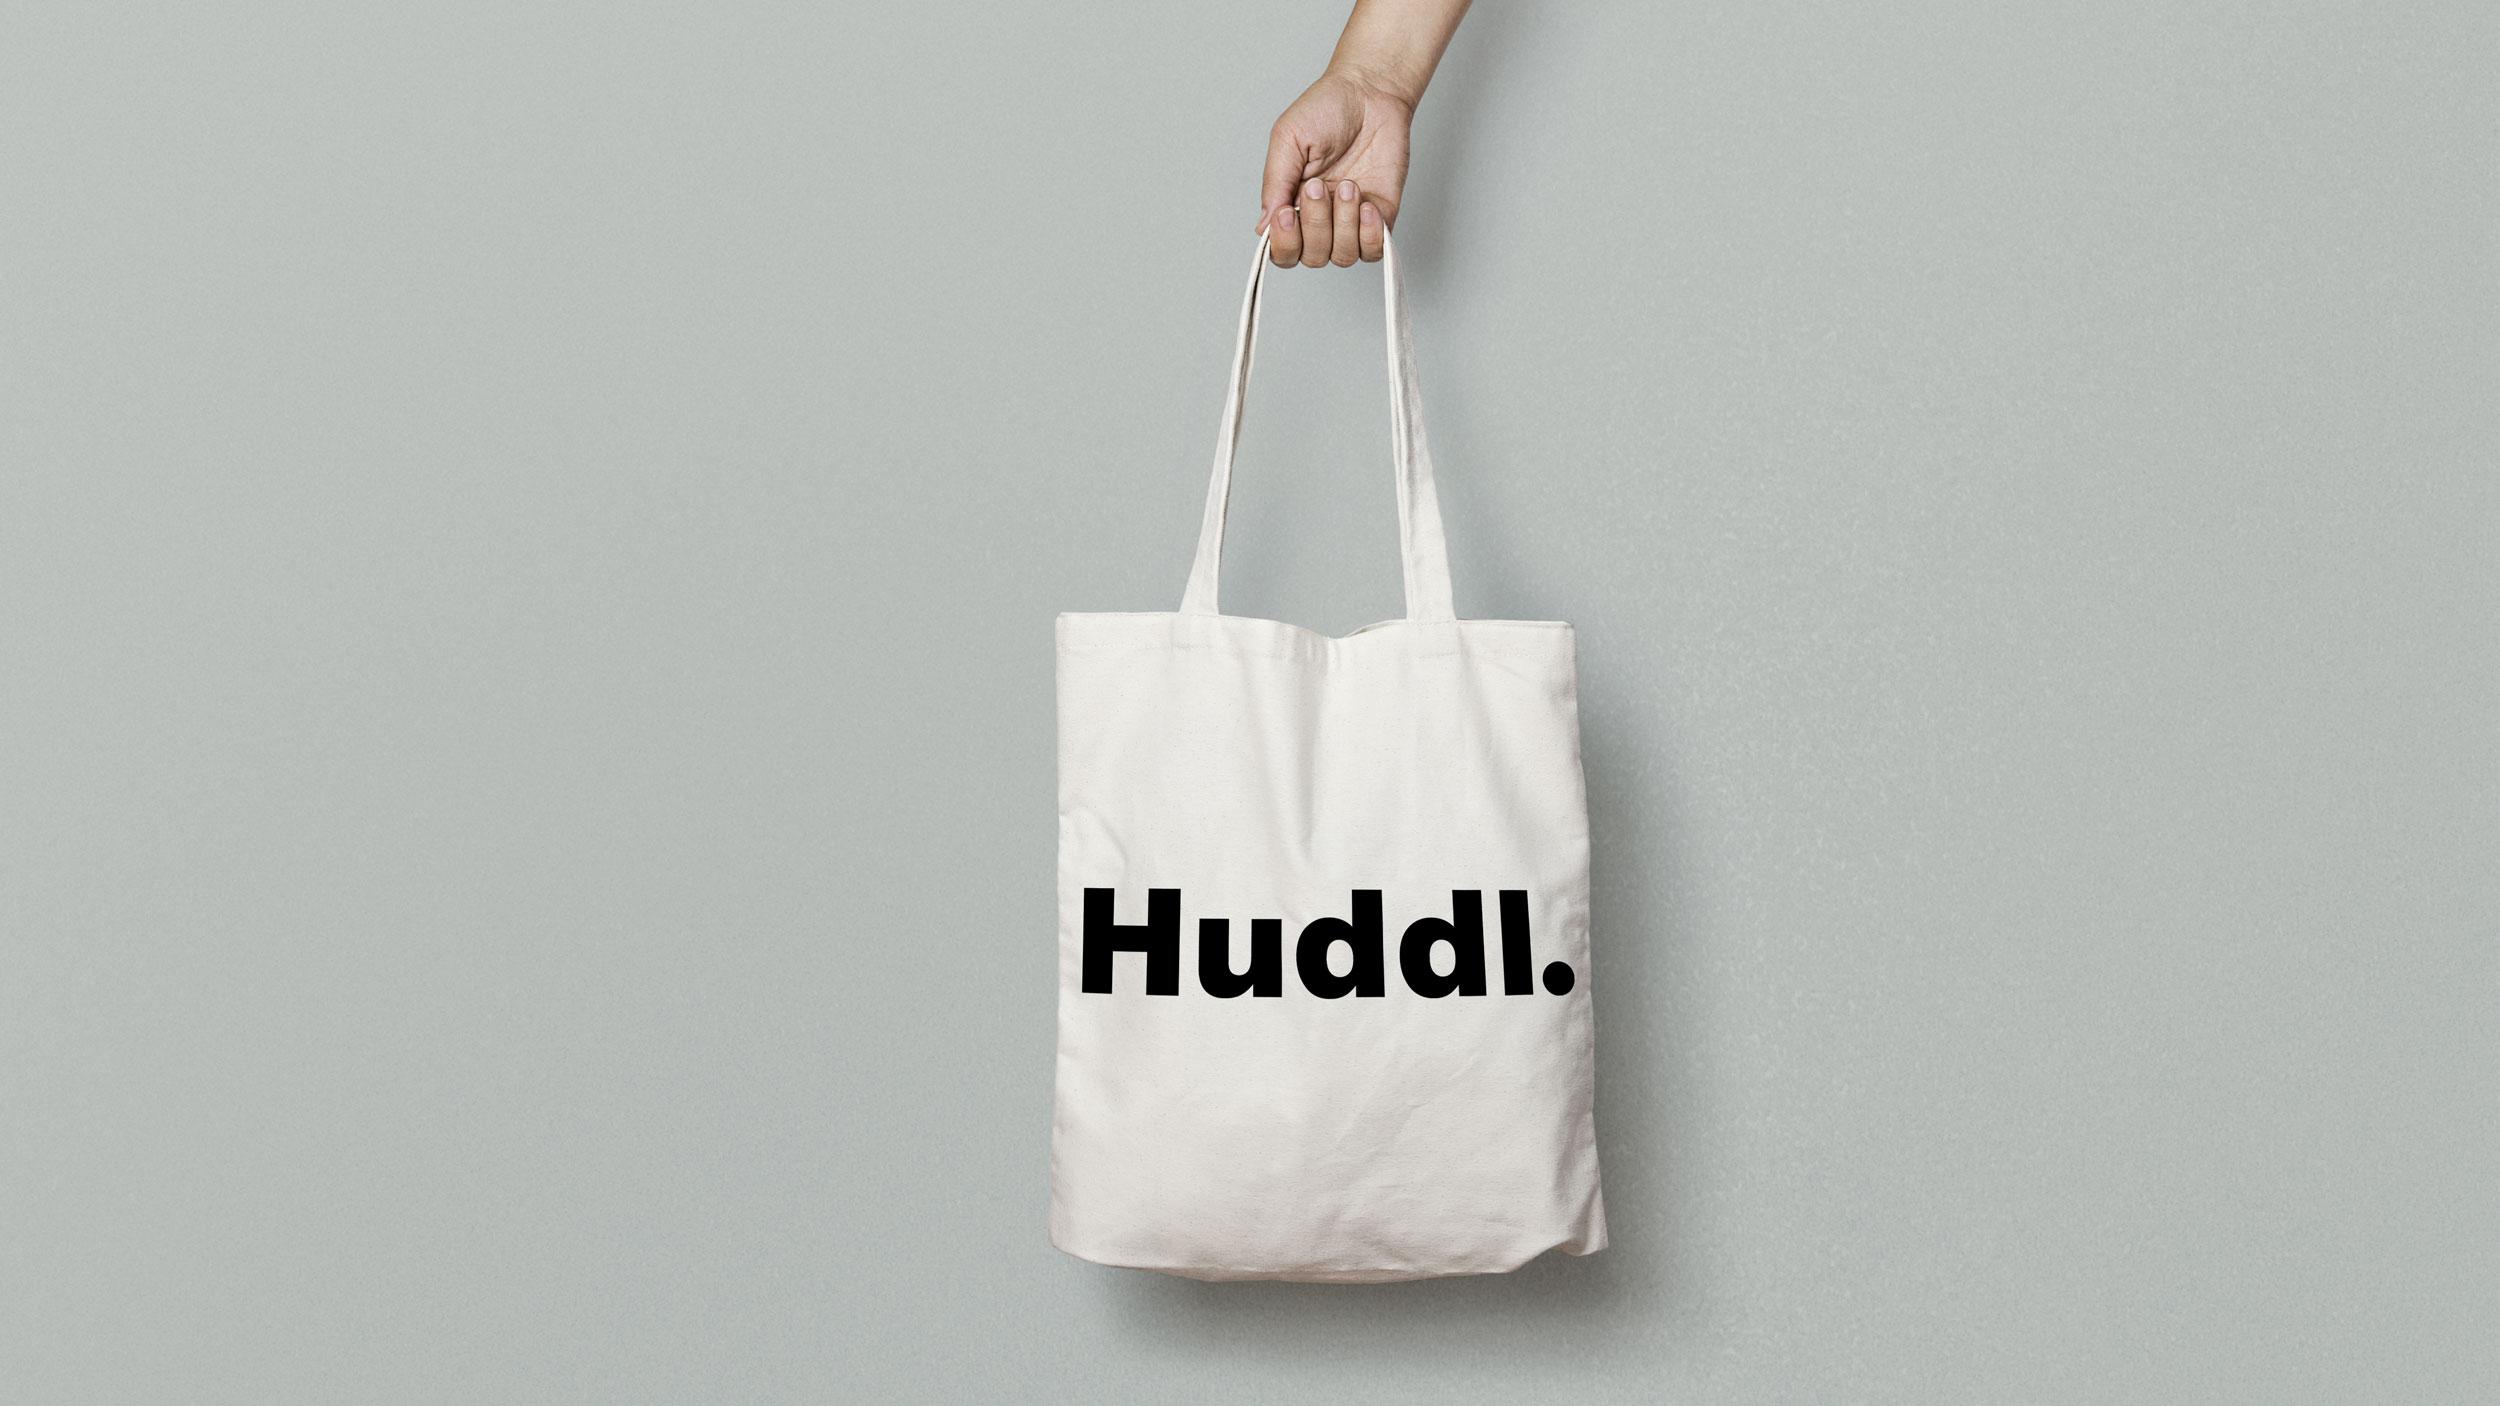 huddl.bag.jpg